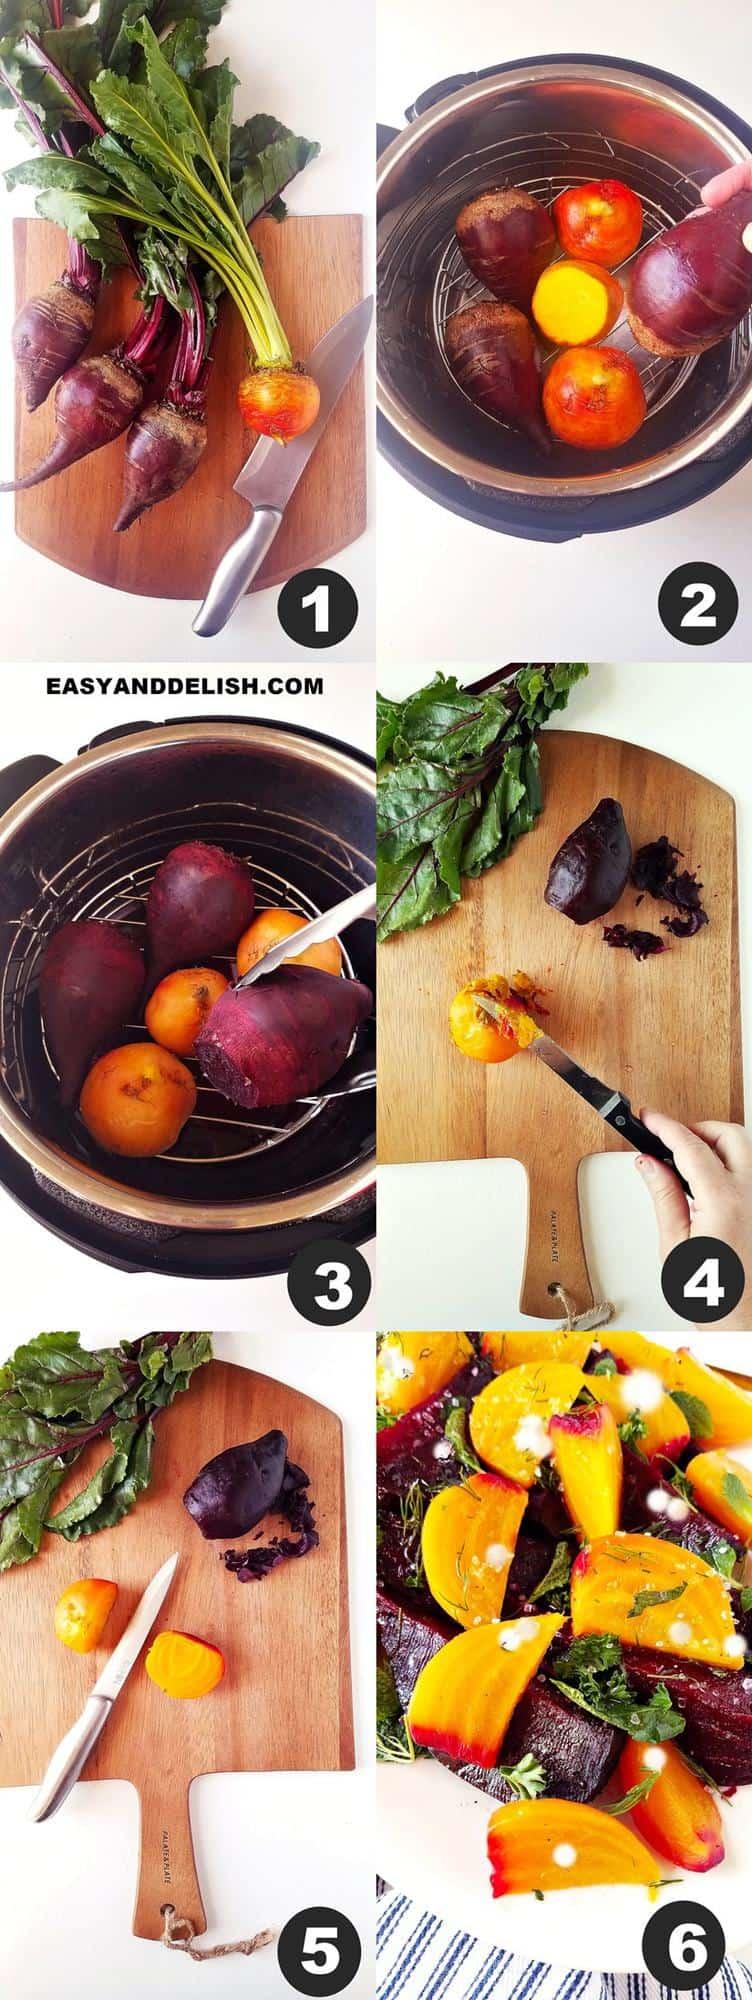 foto colagem mostrando como fazer salada de beterraba em 6 passos